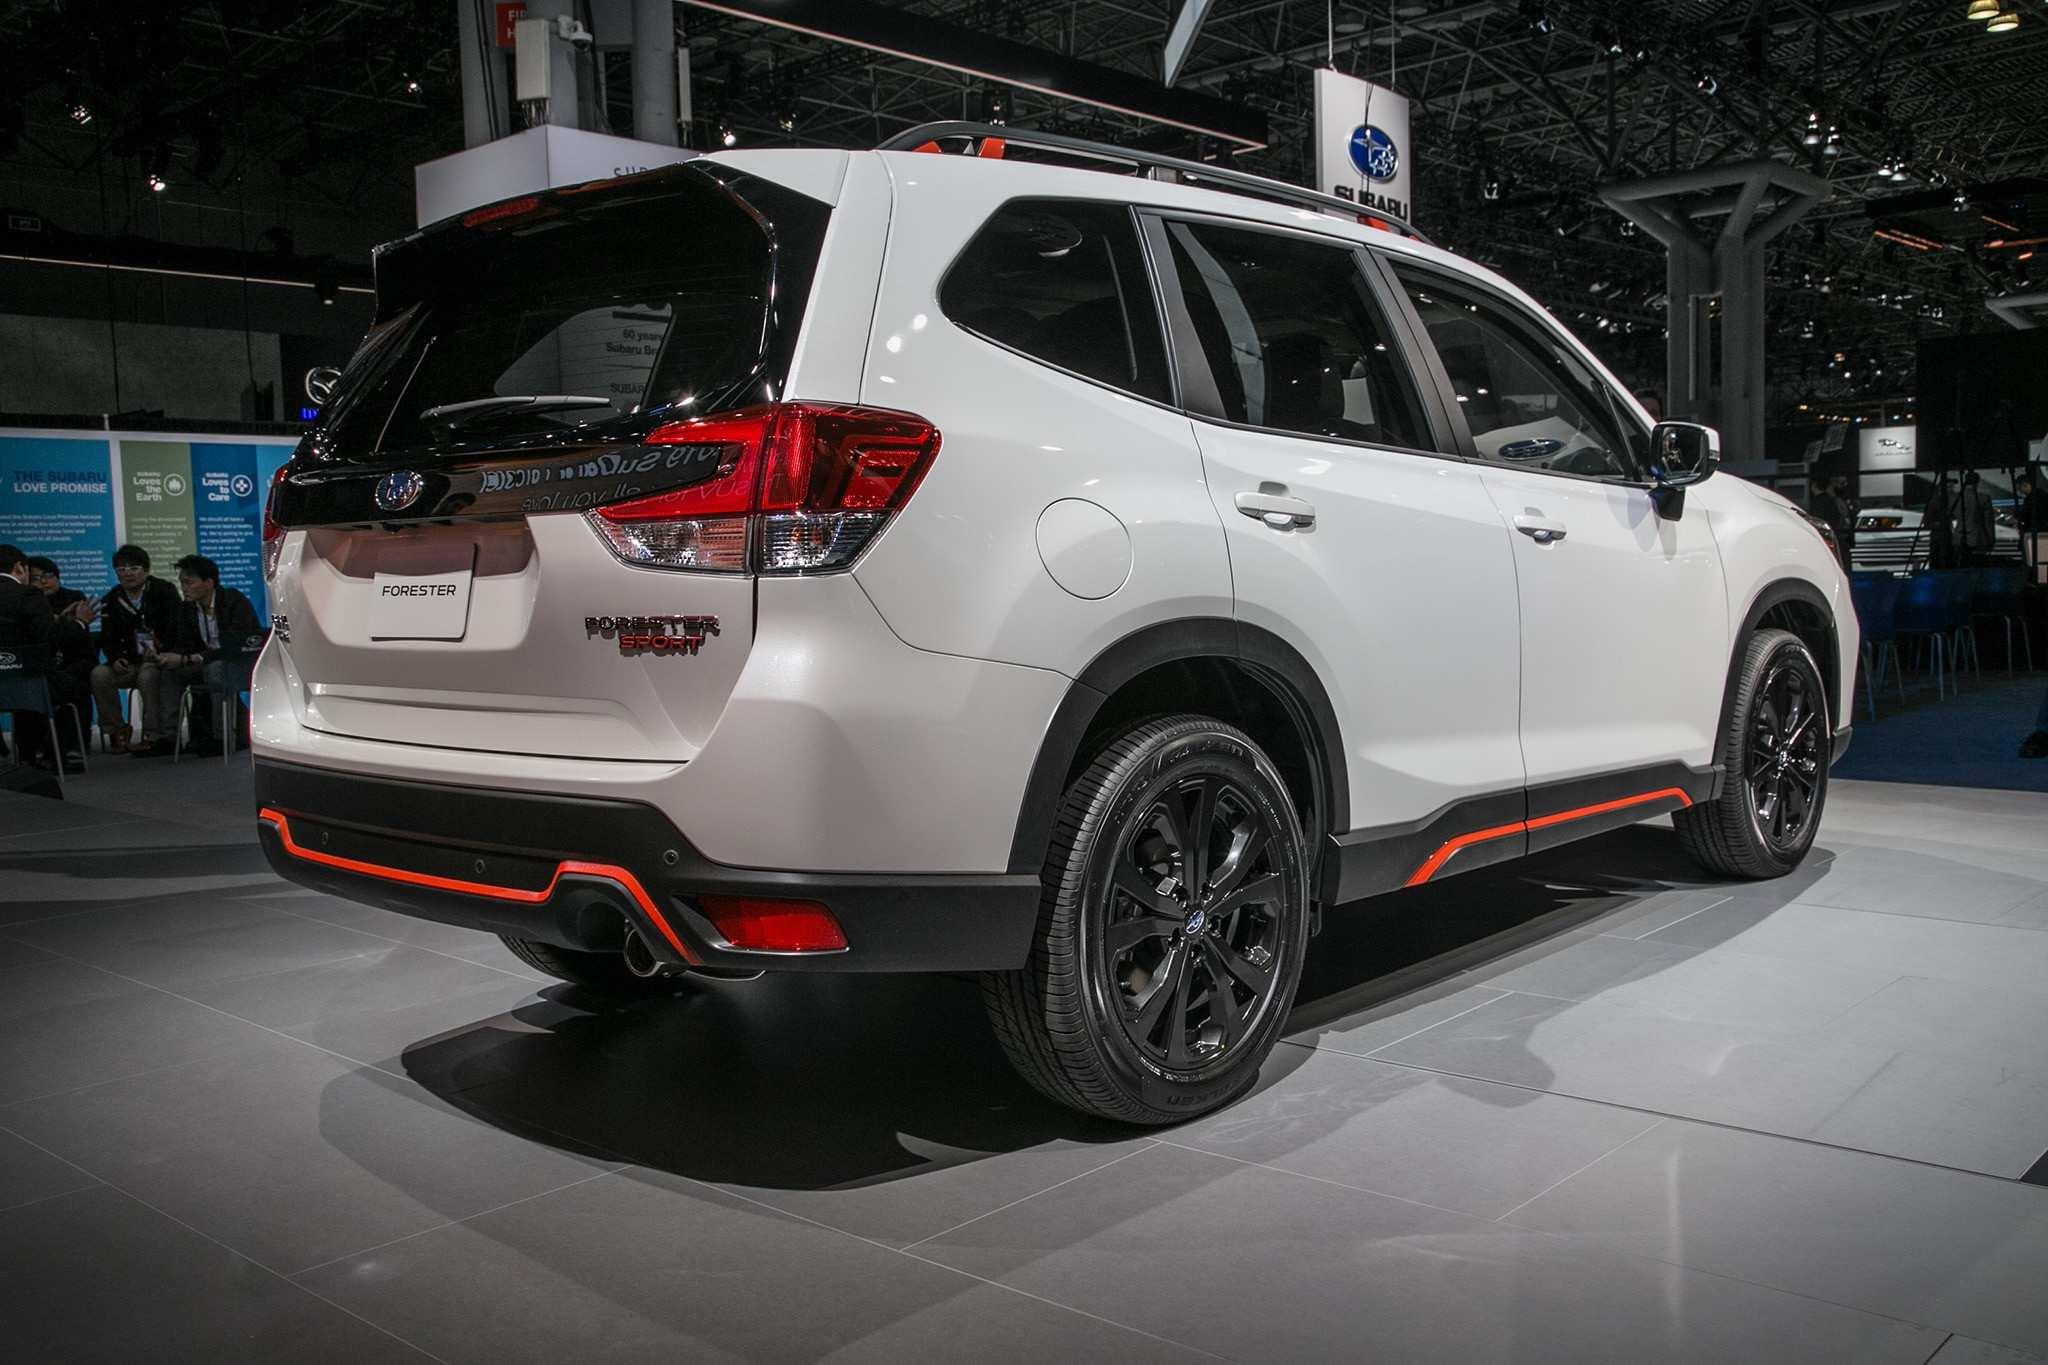 71 New New Subaru 2019 Ascent Colors Spy Shoot Configurations with New Subaru 2019 Ascent Colors Spy Shoot